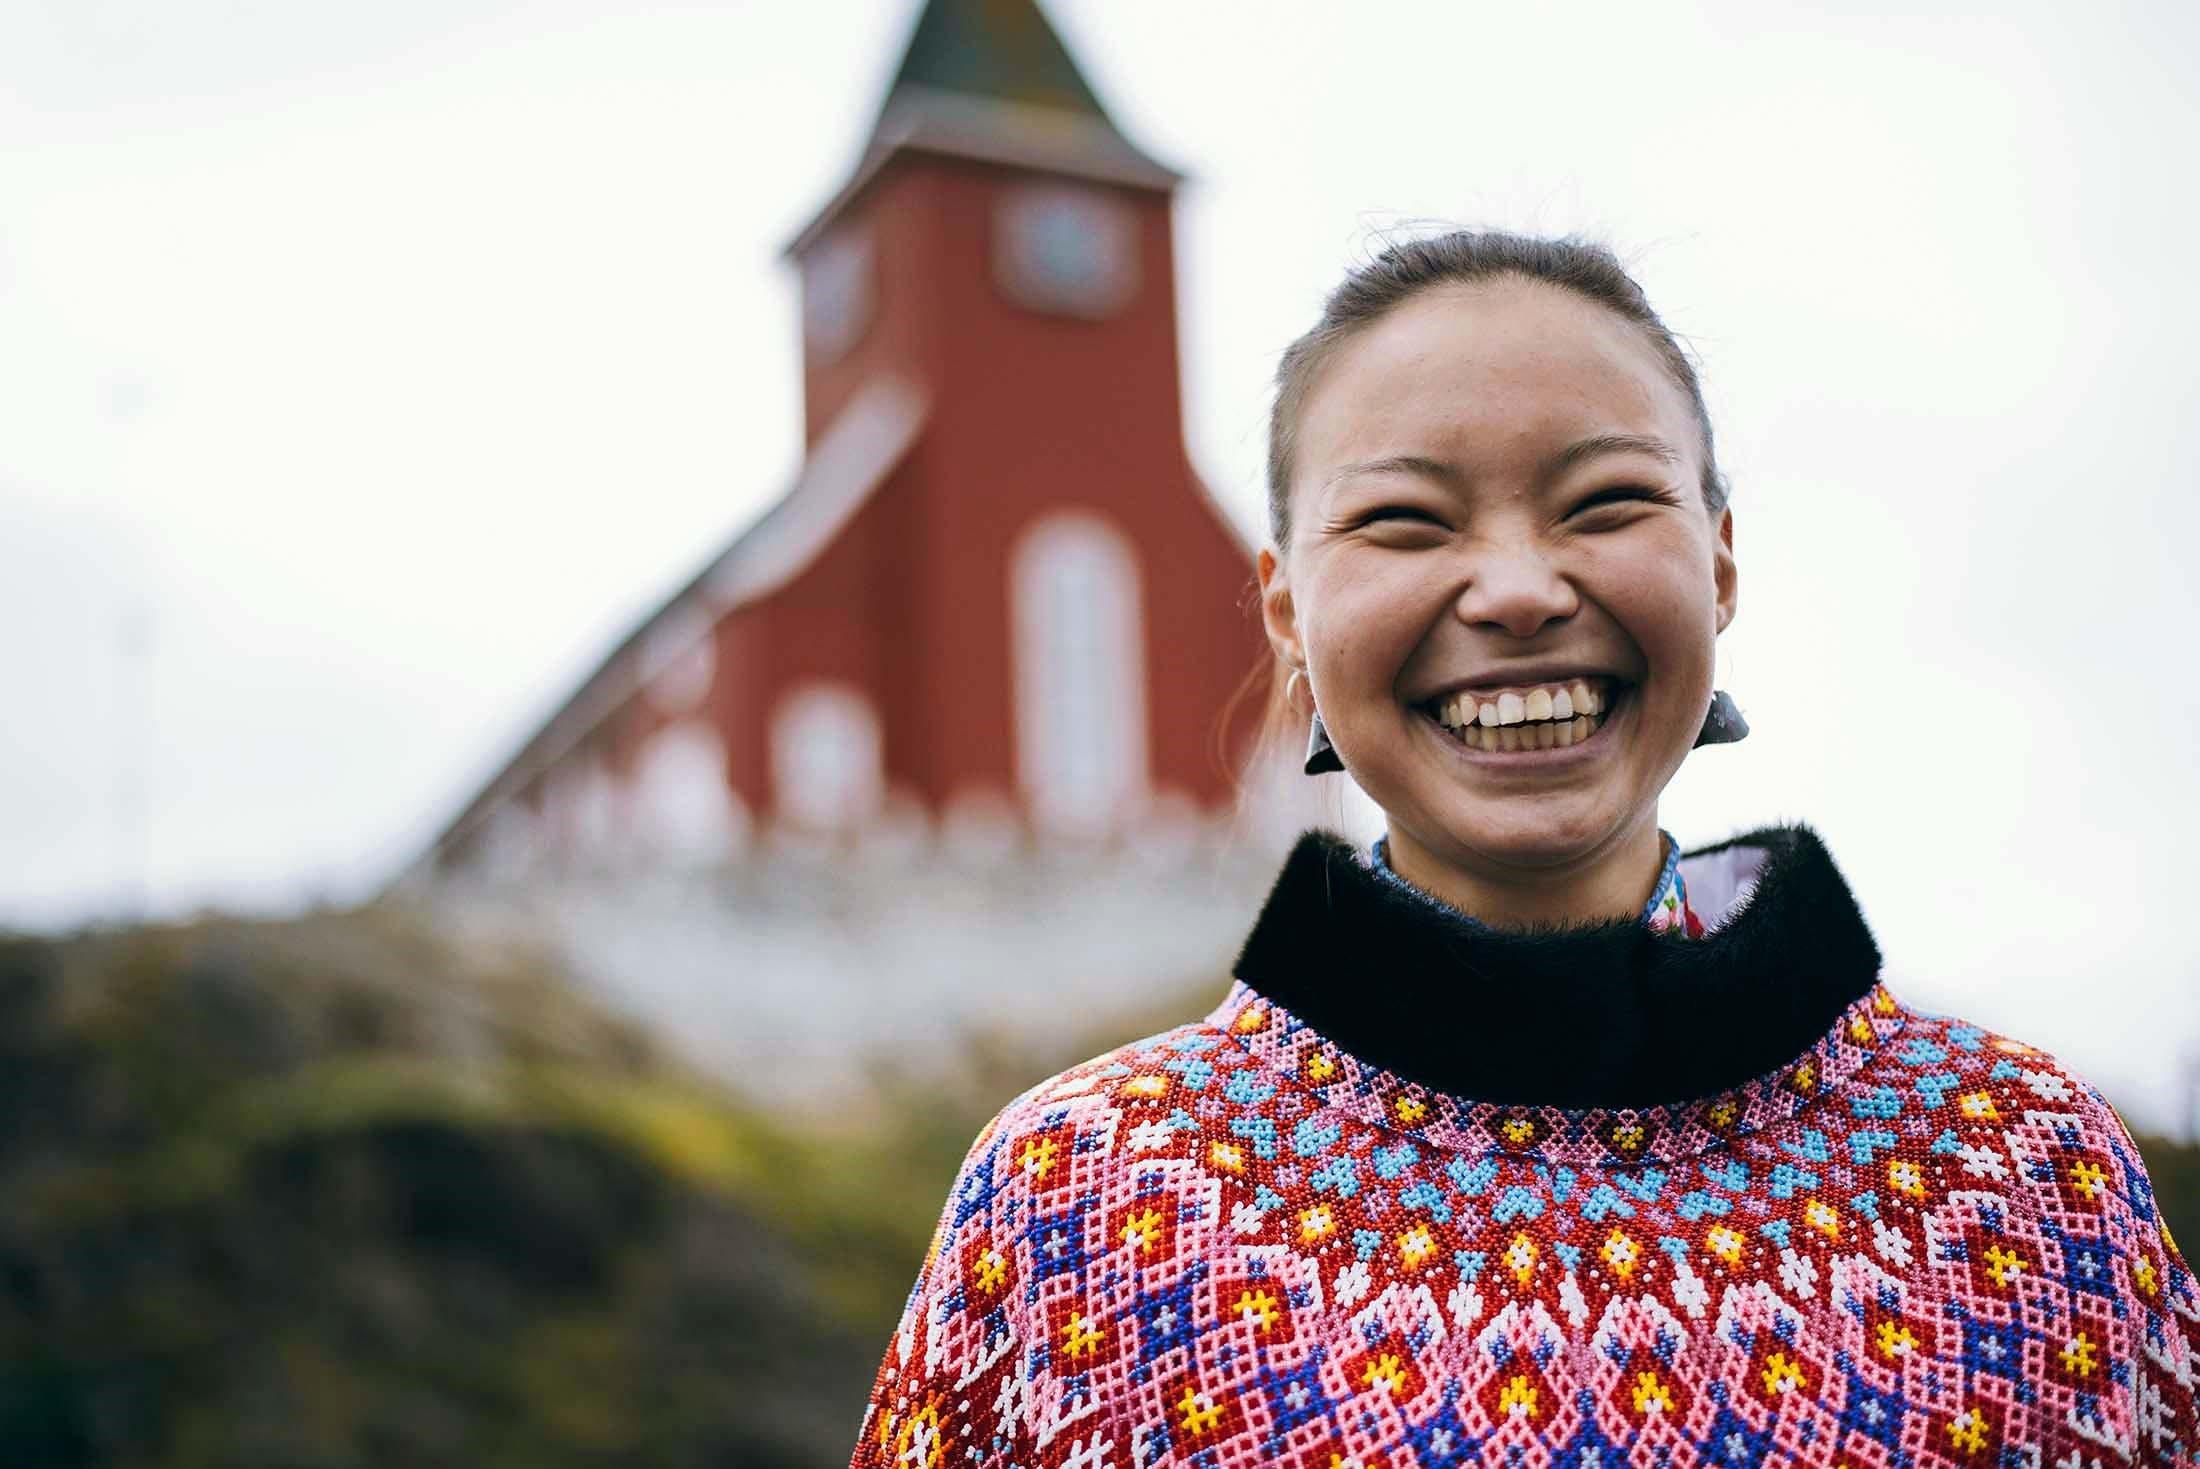 Berda Larsen in Sisimiut, Greenland